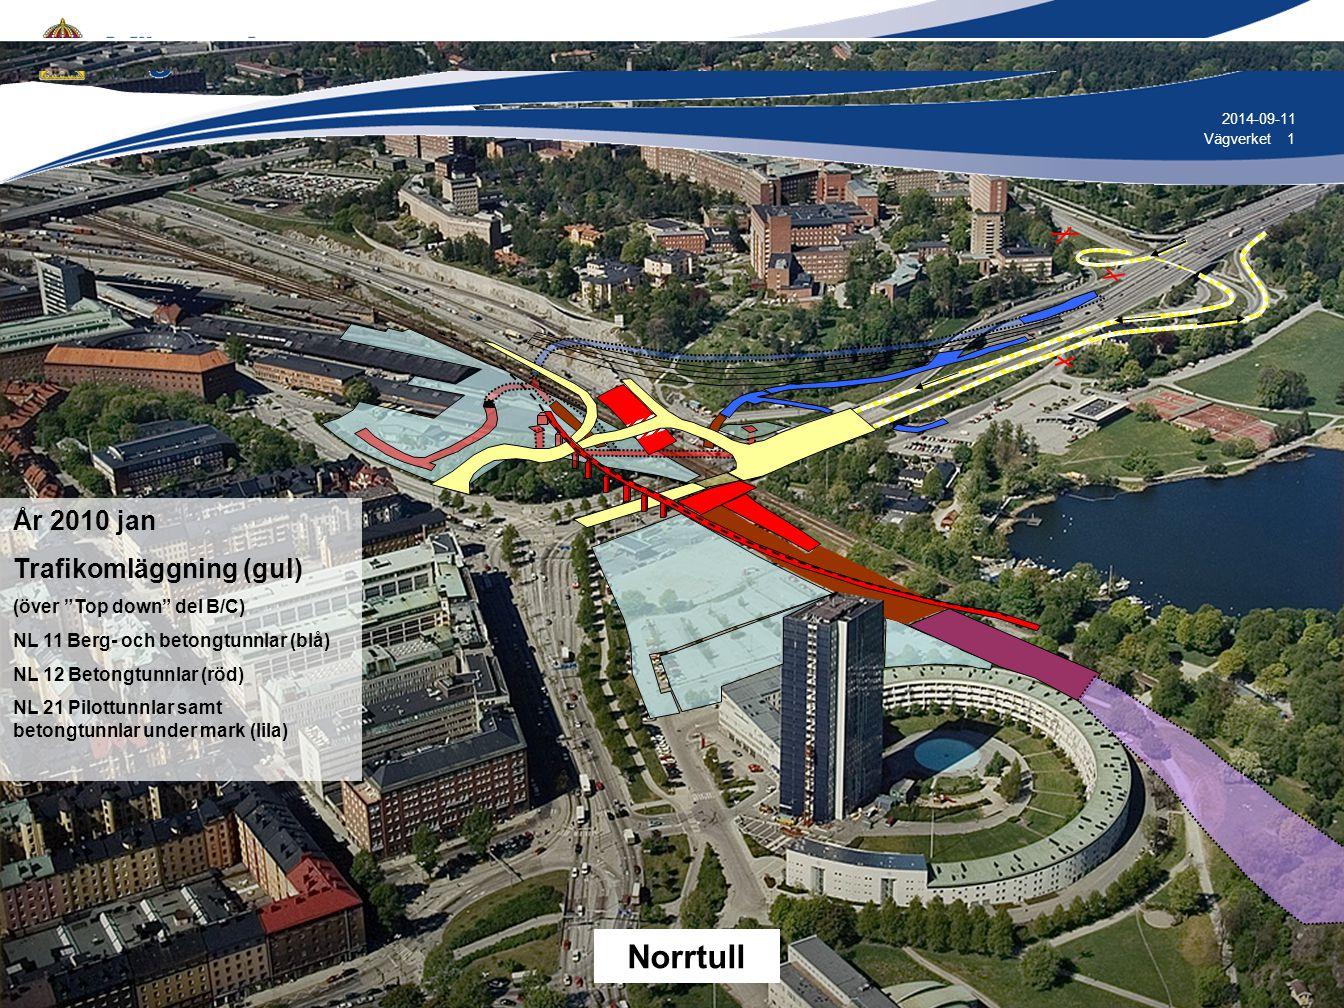 1 1Vägverket 2014-09-11 År 2010 jan Trafikomläggning (gul) (över Top down del B/C) NL 11 Berg- och betongtunnlar (blå) NL 12 Betongtunnlar (röd) NL 21 Pilottunnlar samt betongtunnlar under mark (lila) Norrtull